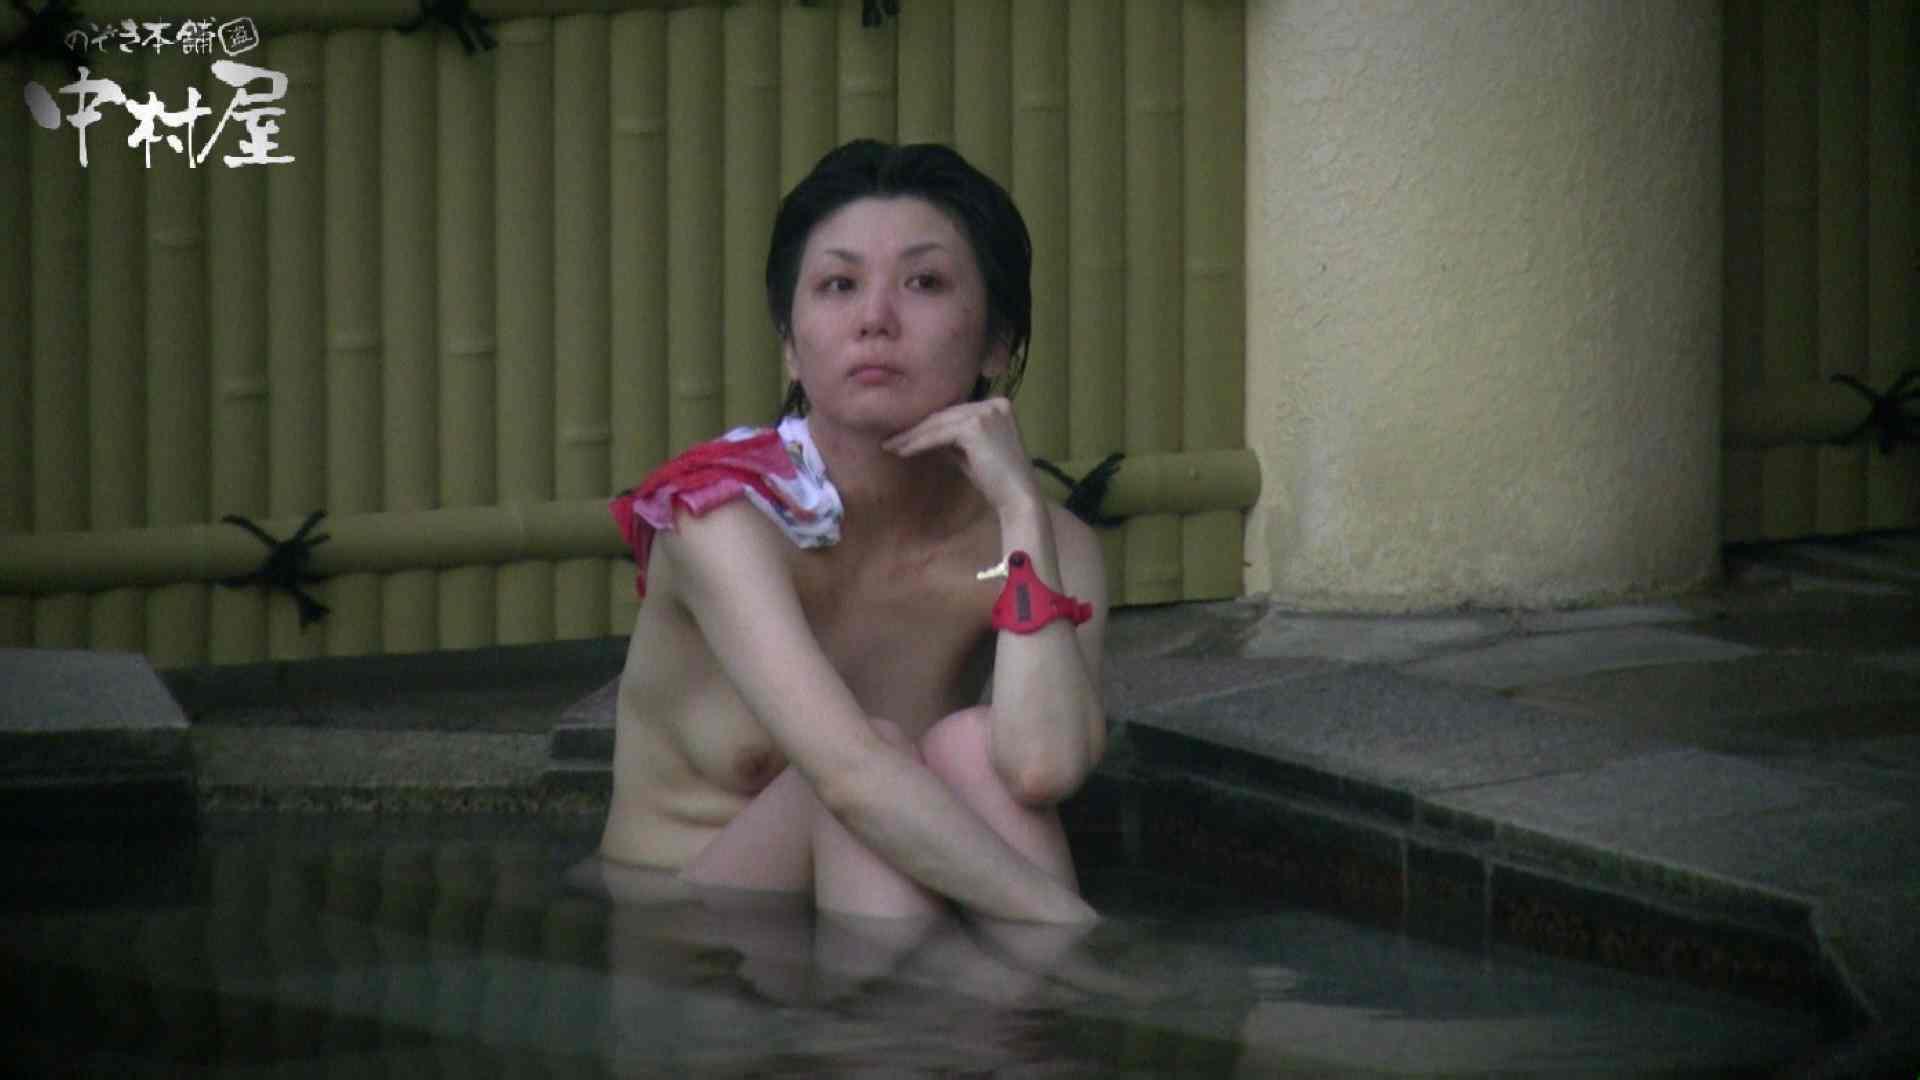 Aquaな露天風呂Vol.884 盗撮師作品 | 美しいOLの裸体  92pic 82